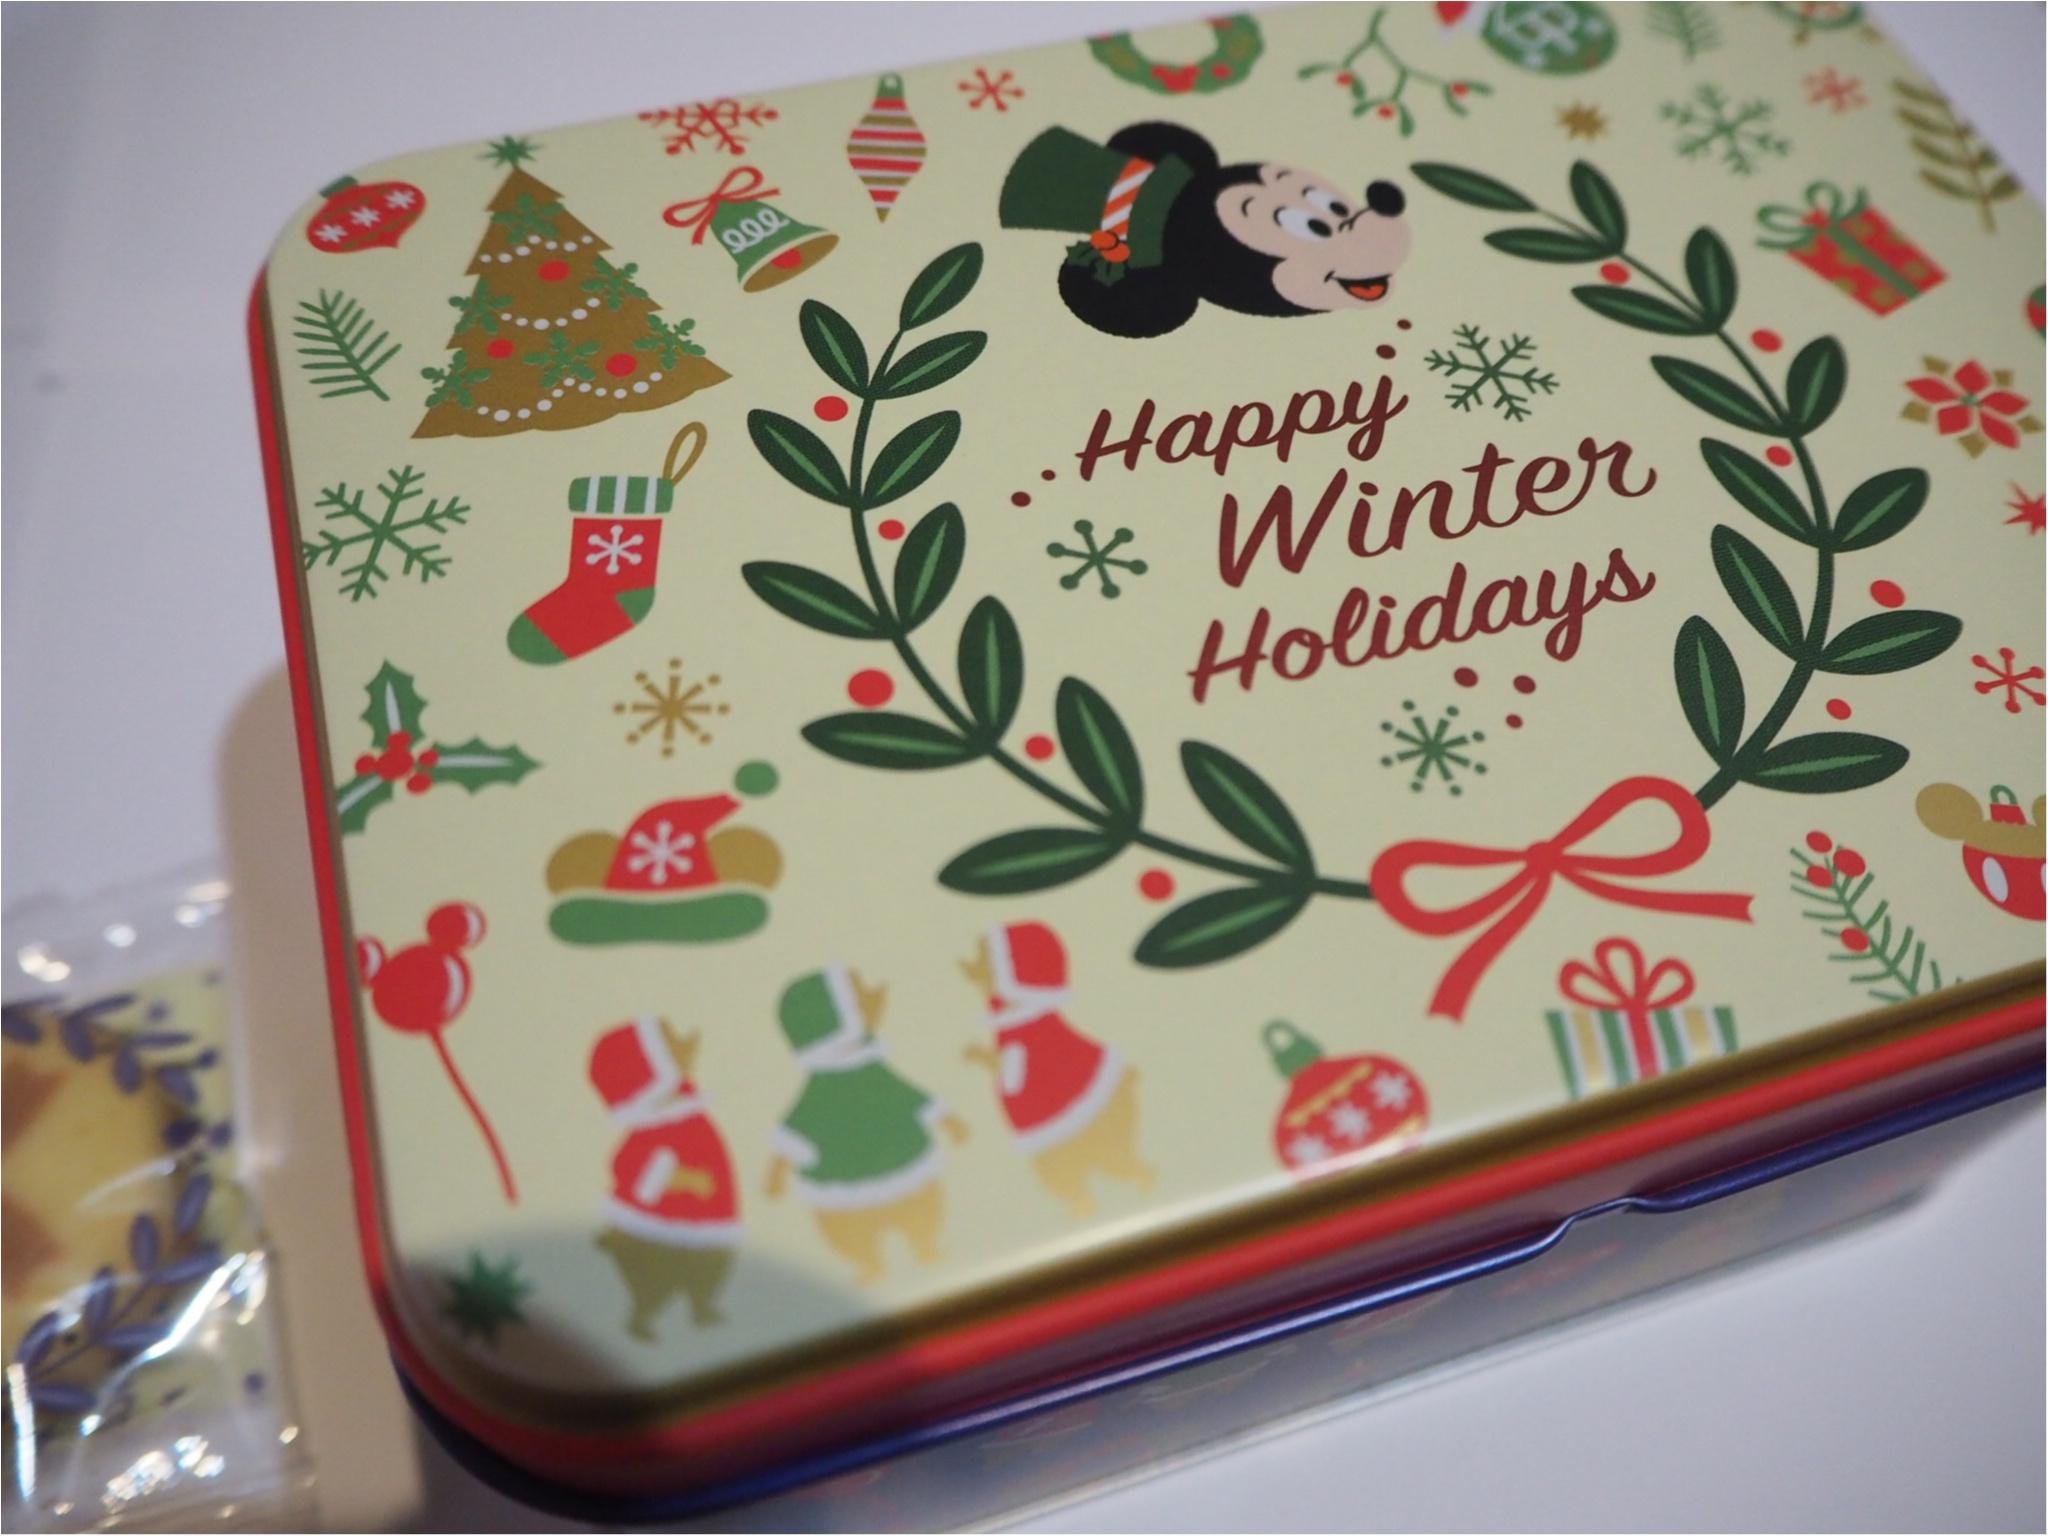 ディズニーランドクリスマスシーズン到来♪ー今の時期食べたいクリスマスグルメからお土産までー_11